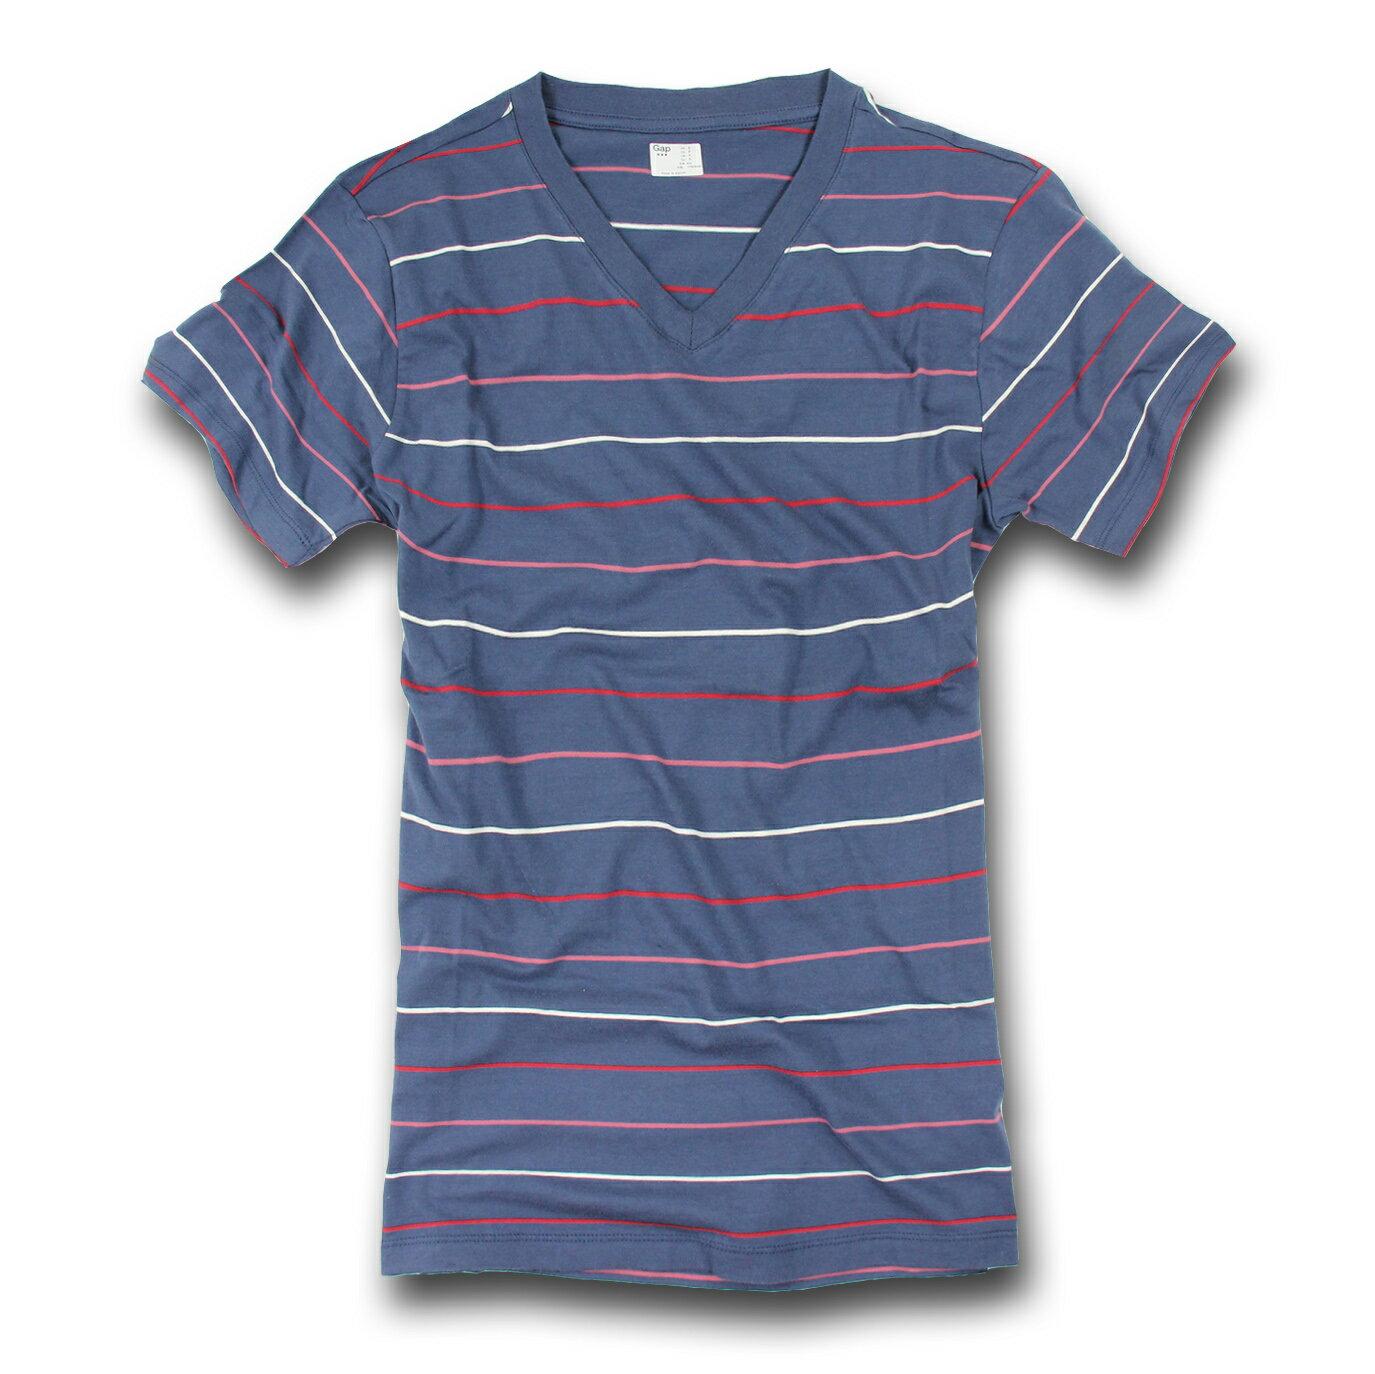 美國百分百【全新真品】GAP T恤 T-SHIRT 短袖 上衣 V領 條紋 藍色 紅 白 純棉 S號 男 F212